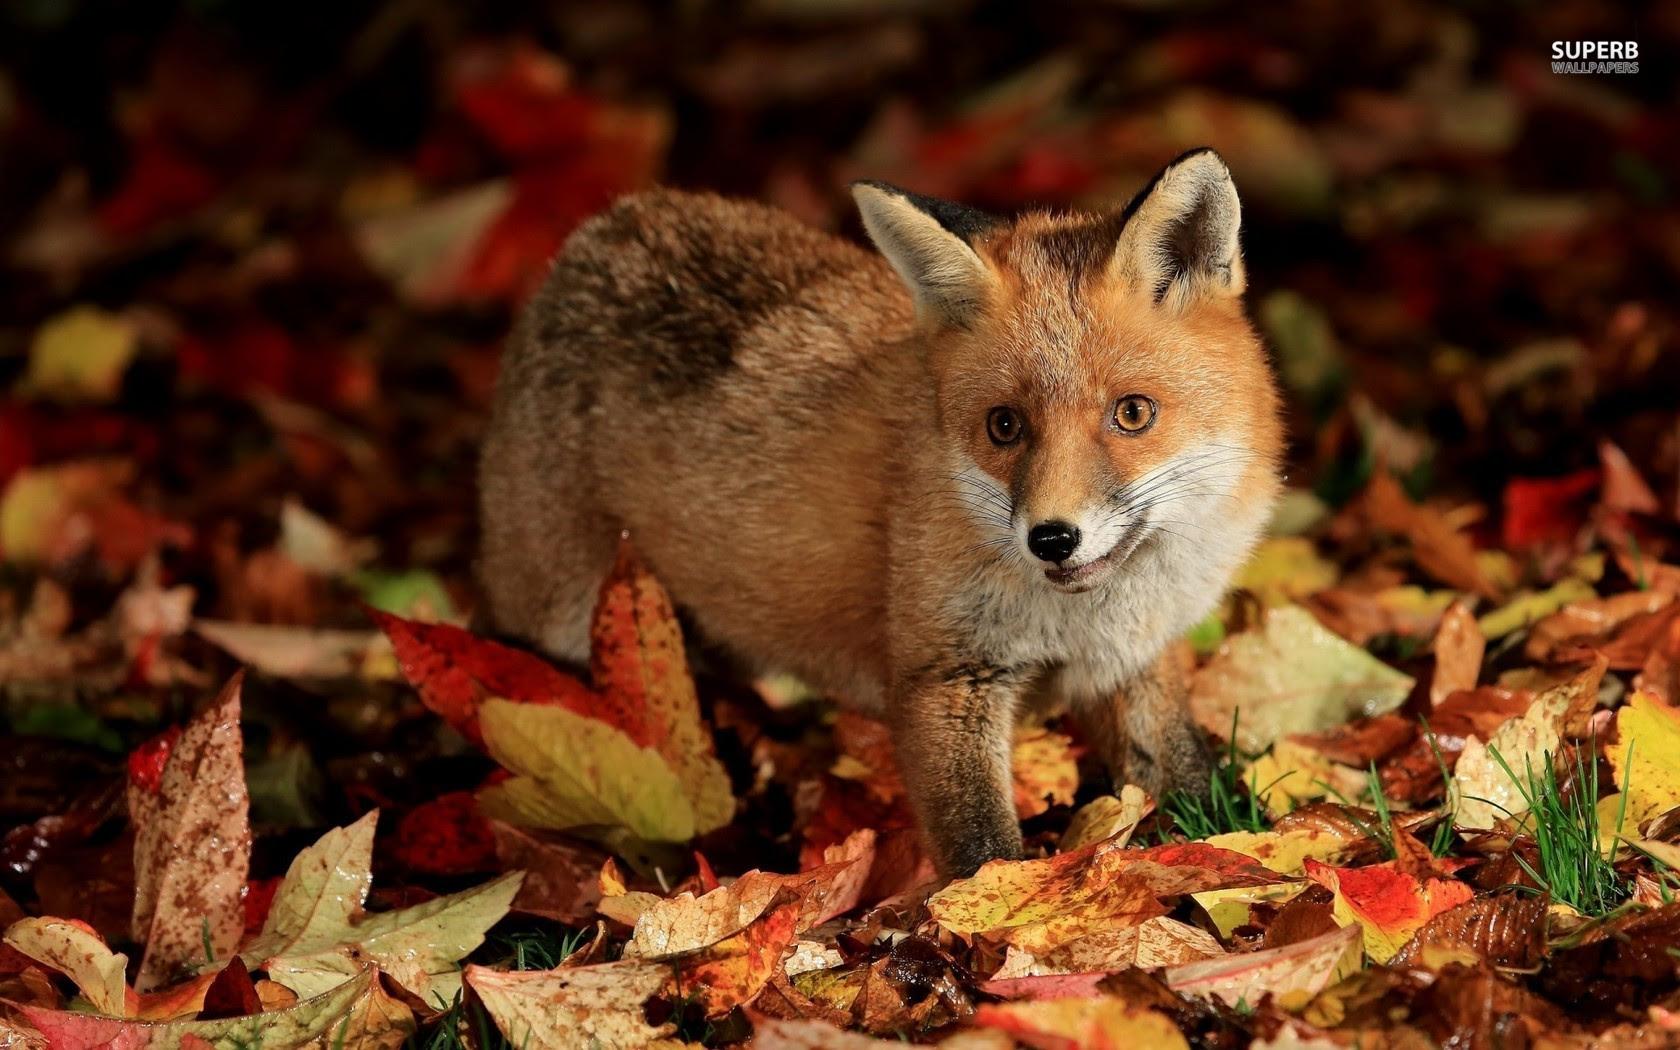 Cute Baby Fox Wallpaper - WallpaperSafari